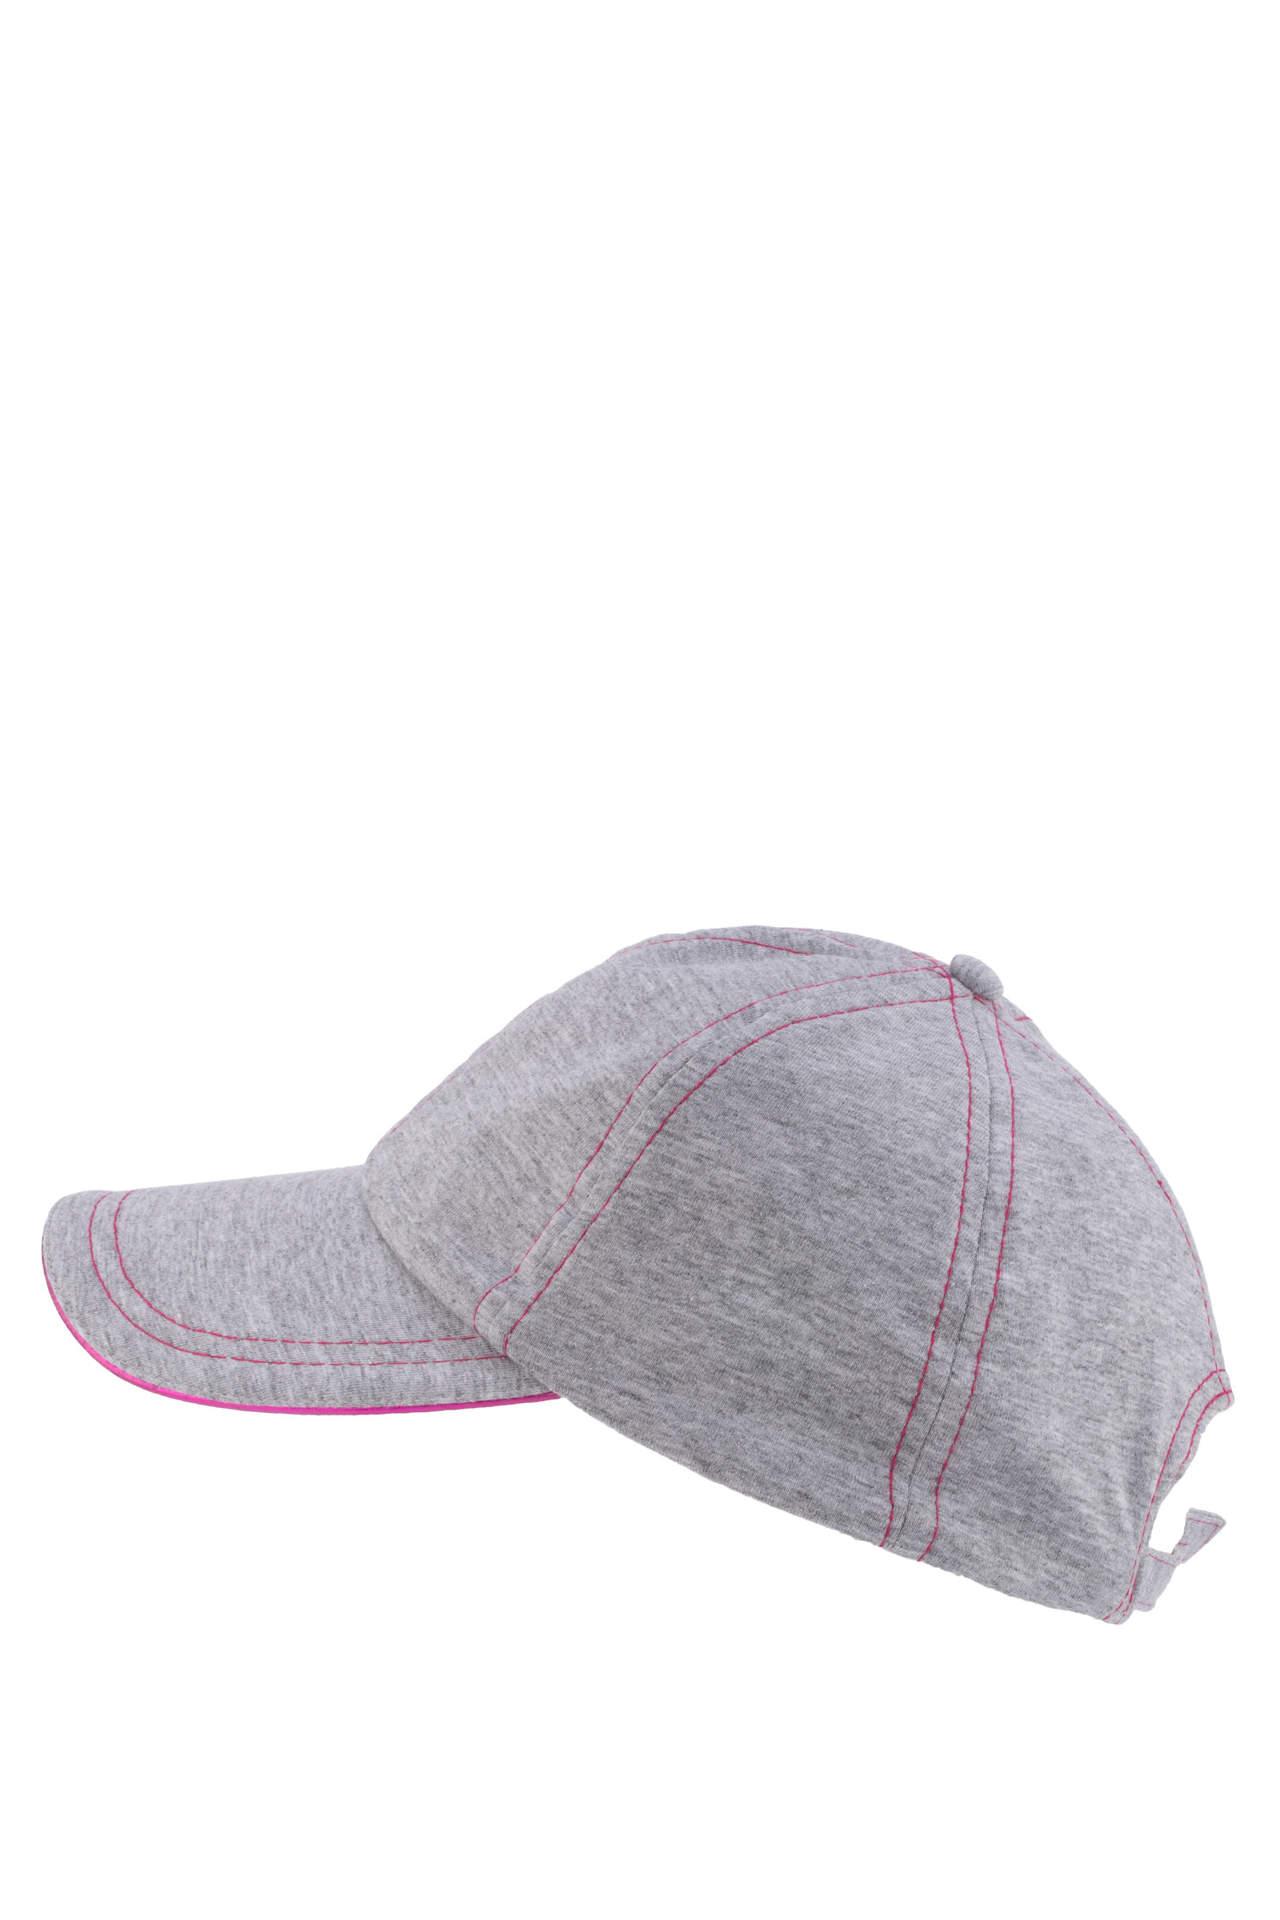 DeFacto Kadın Spor Şapka Gri female